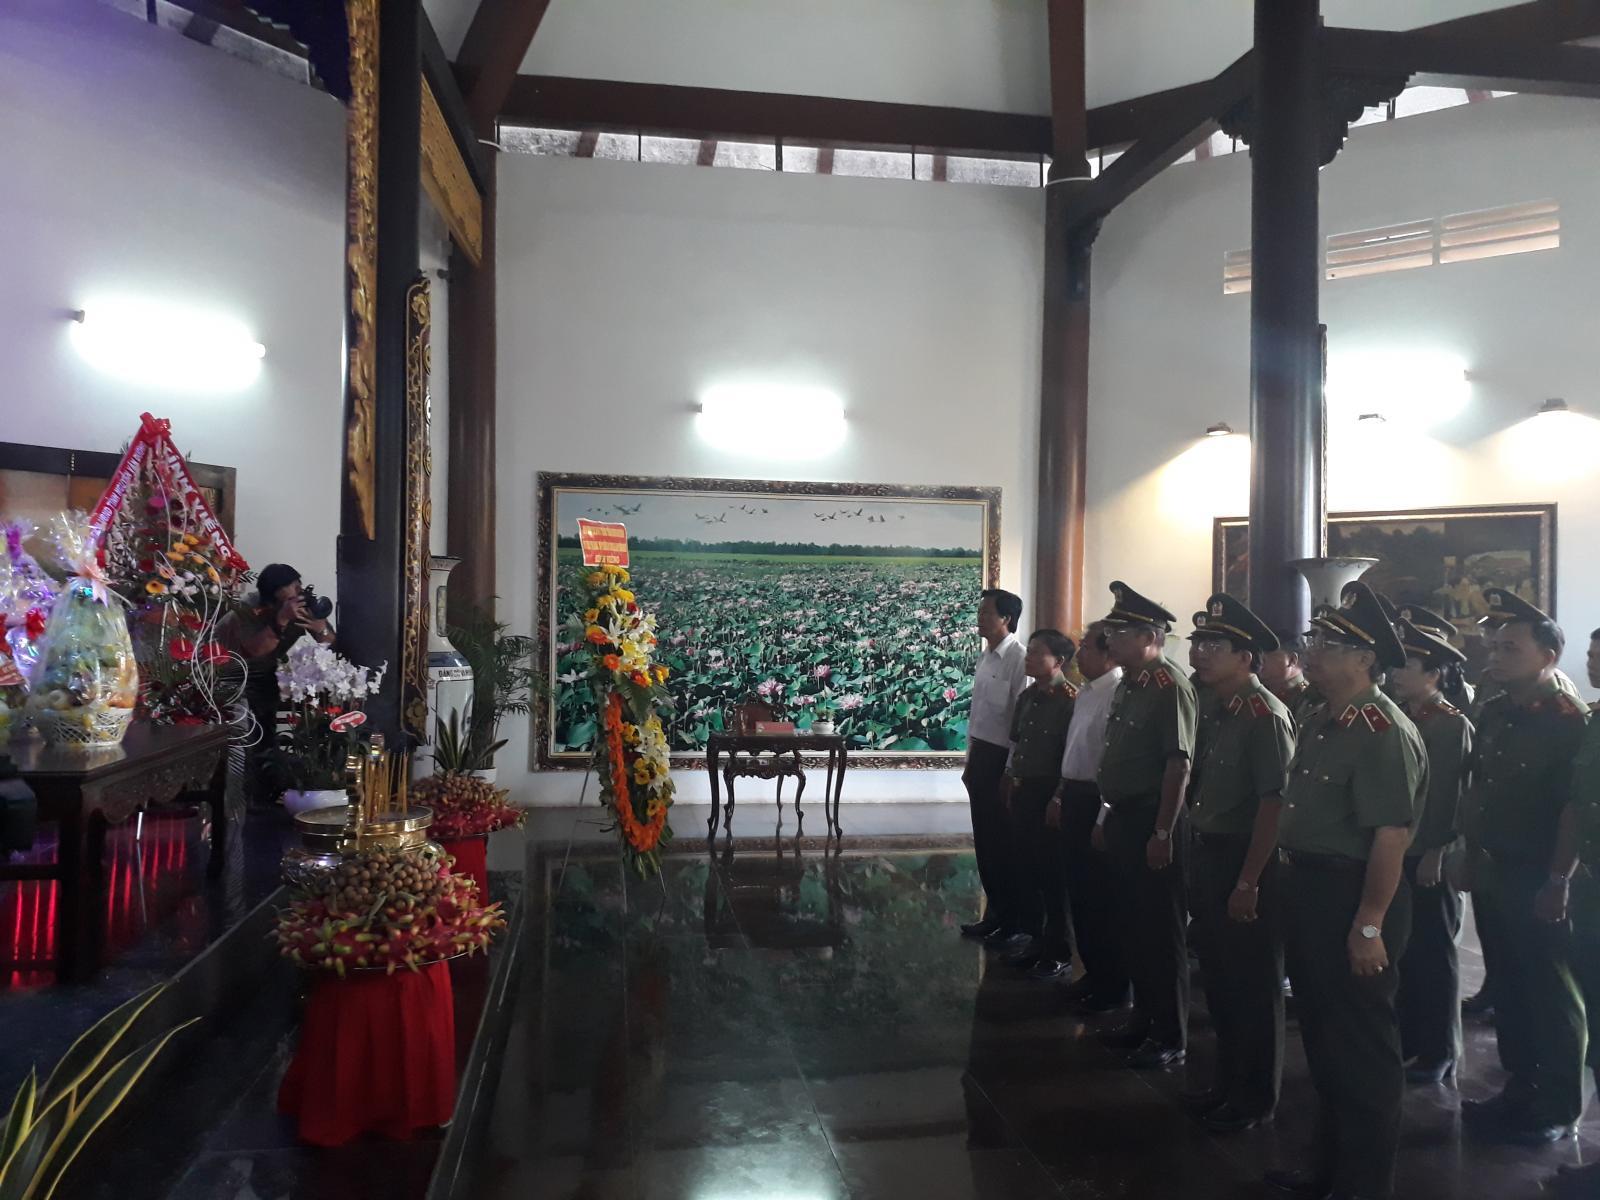 Thứ trưởng Bộ Công an Nguyễn Văn Thành viếng mộ cụ Phó bảng Nguyễn Sinh Sắc